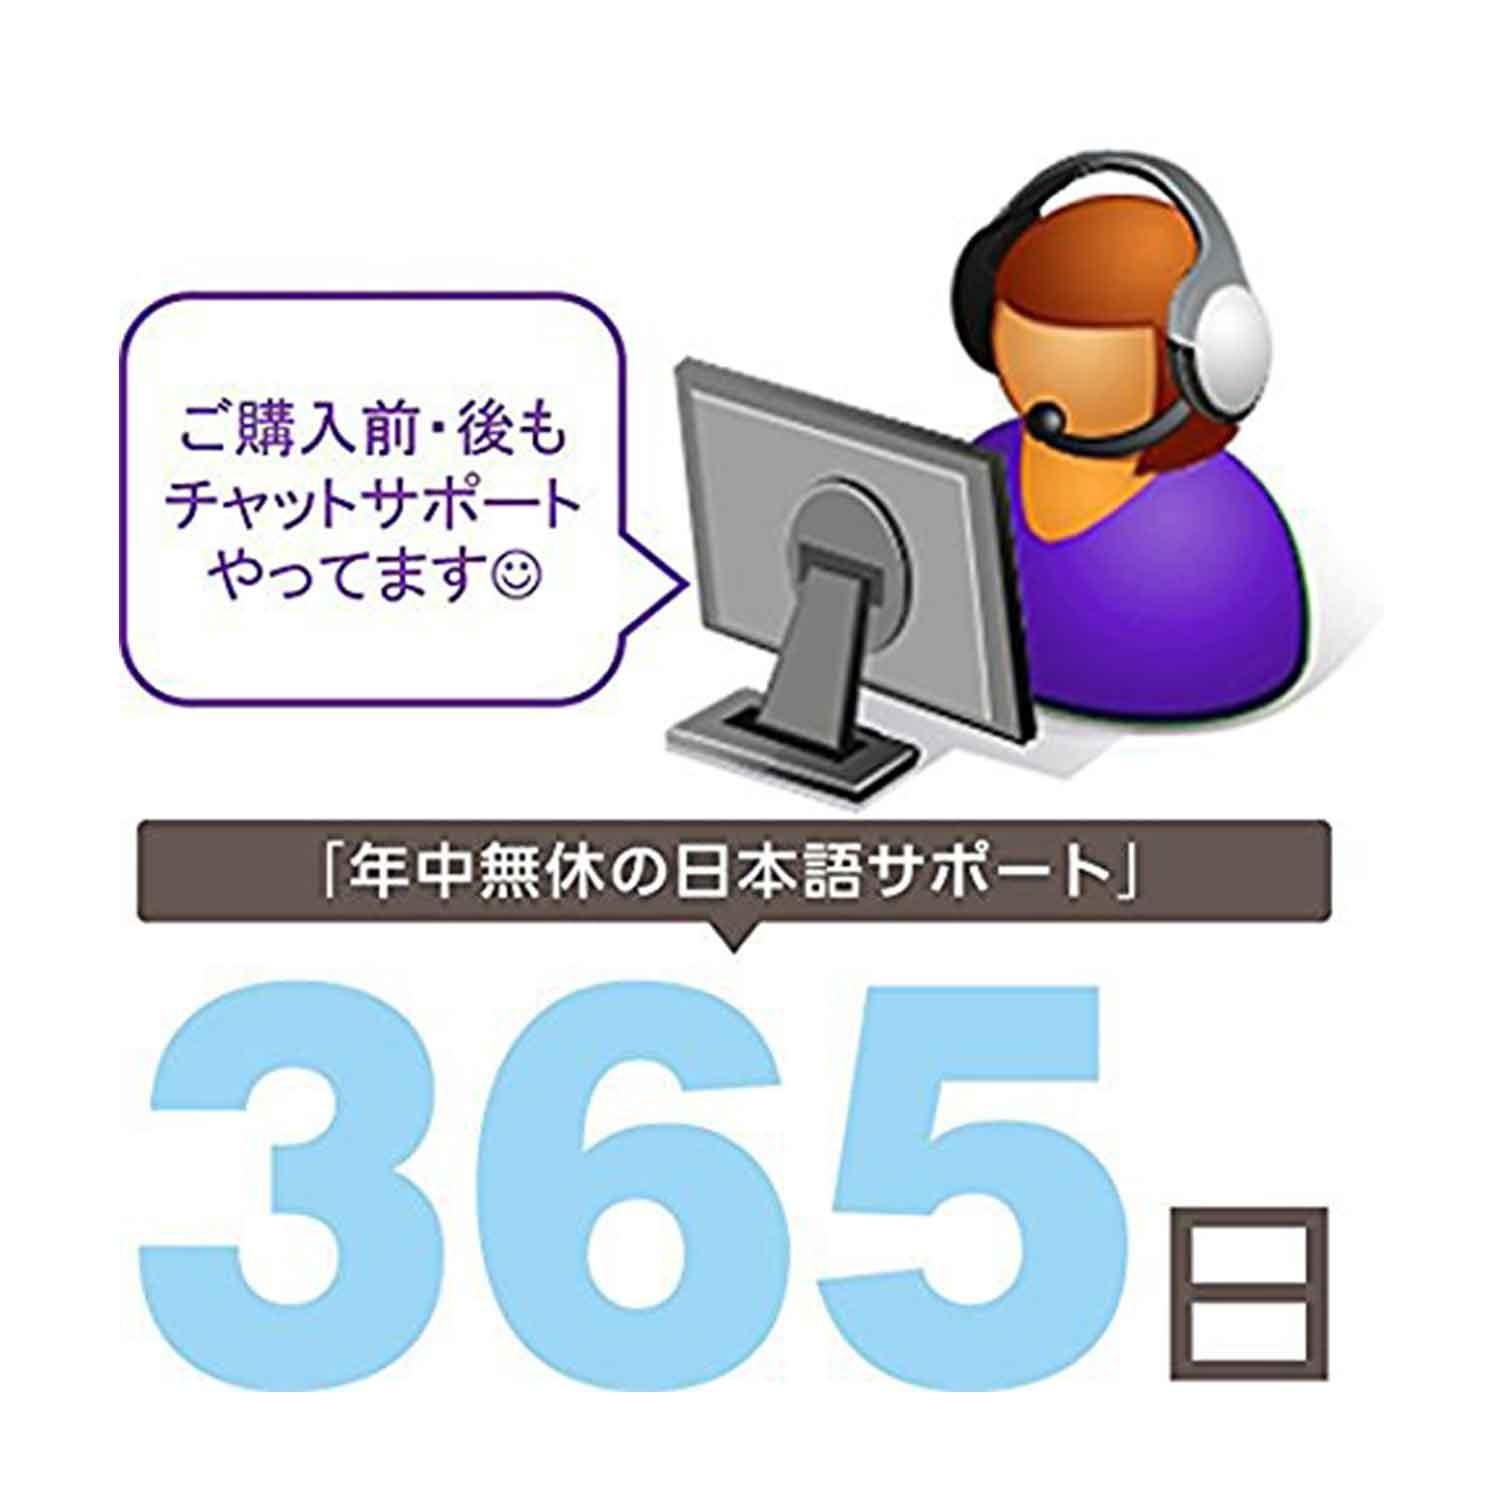 S3300-28X